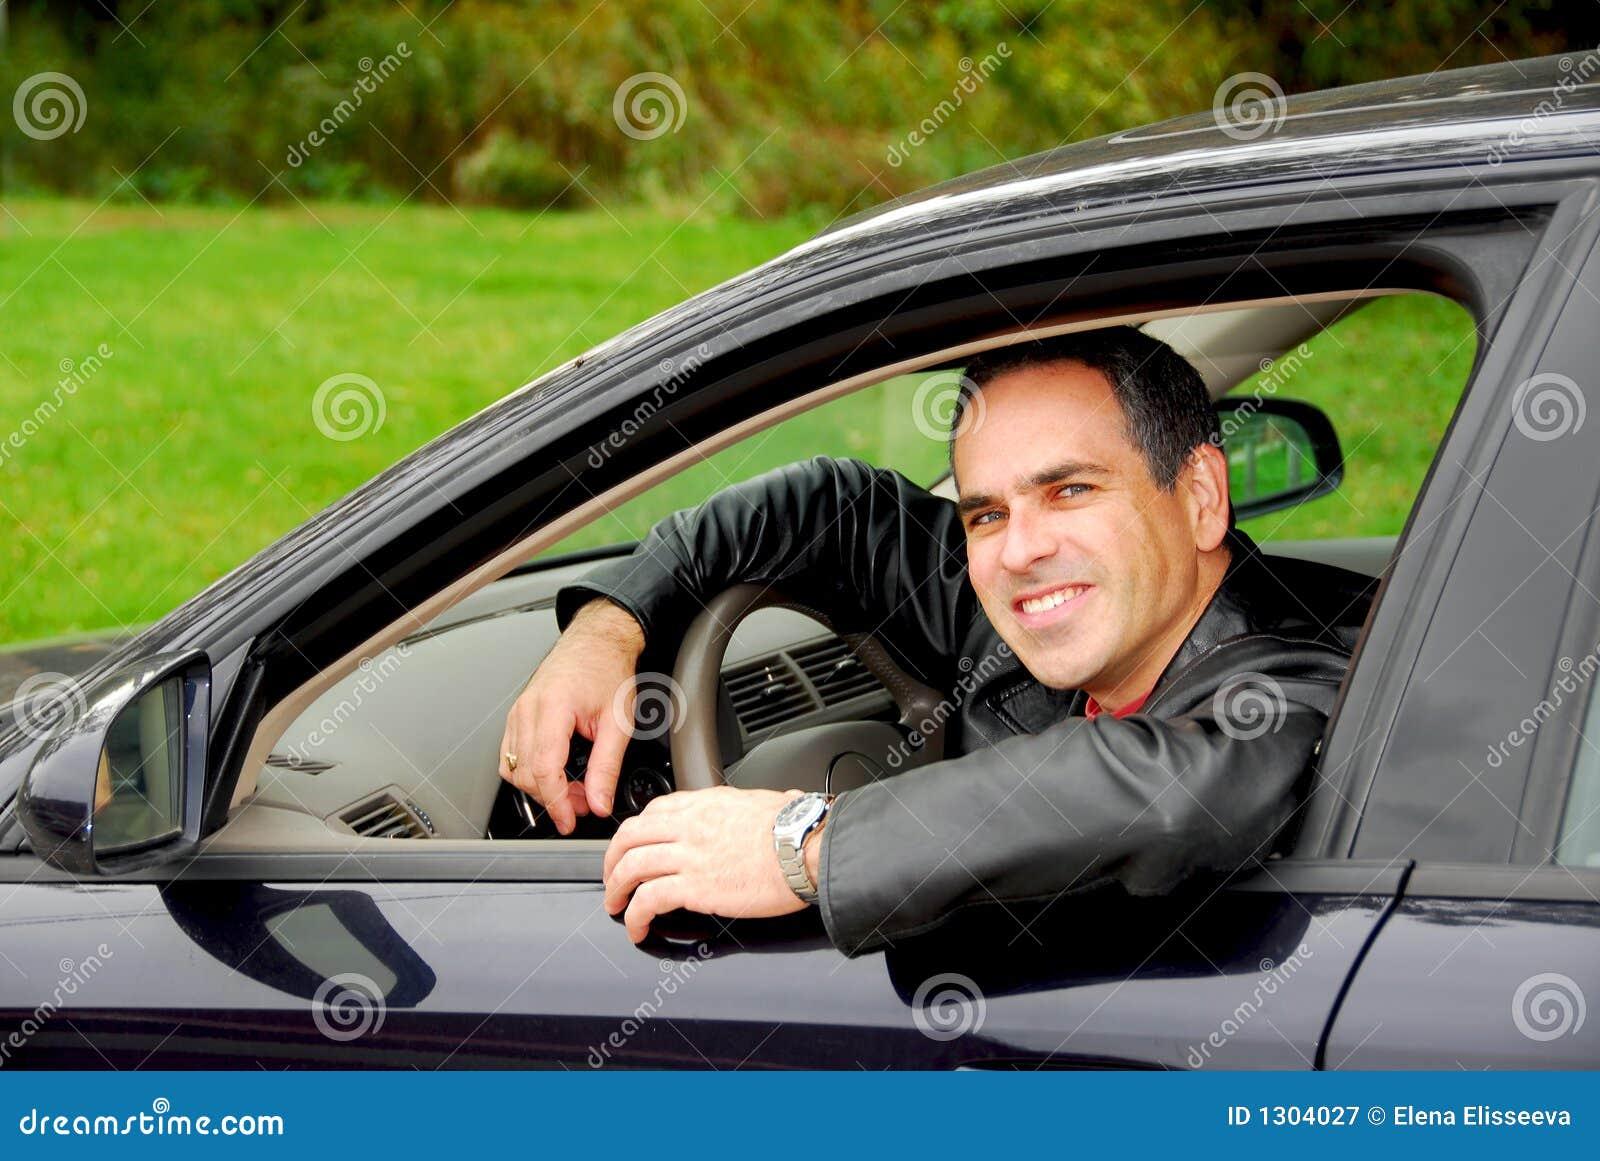 Uomo in automobile